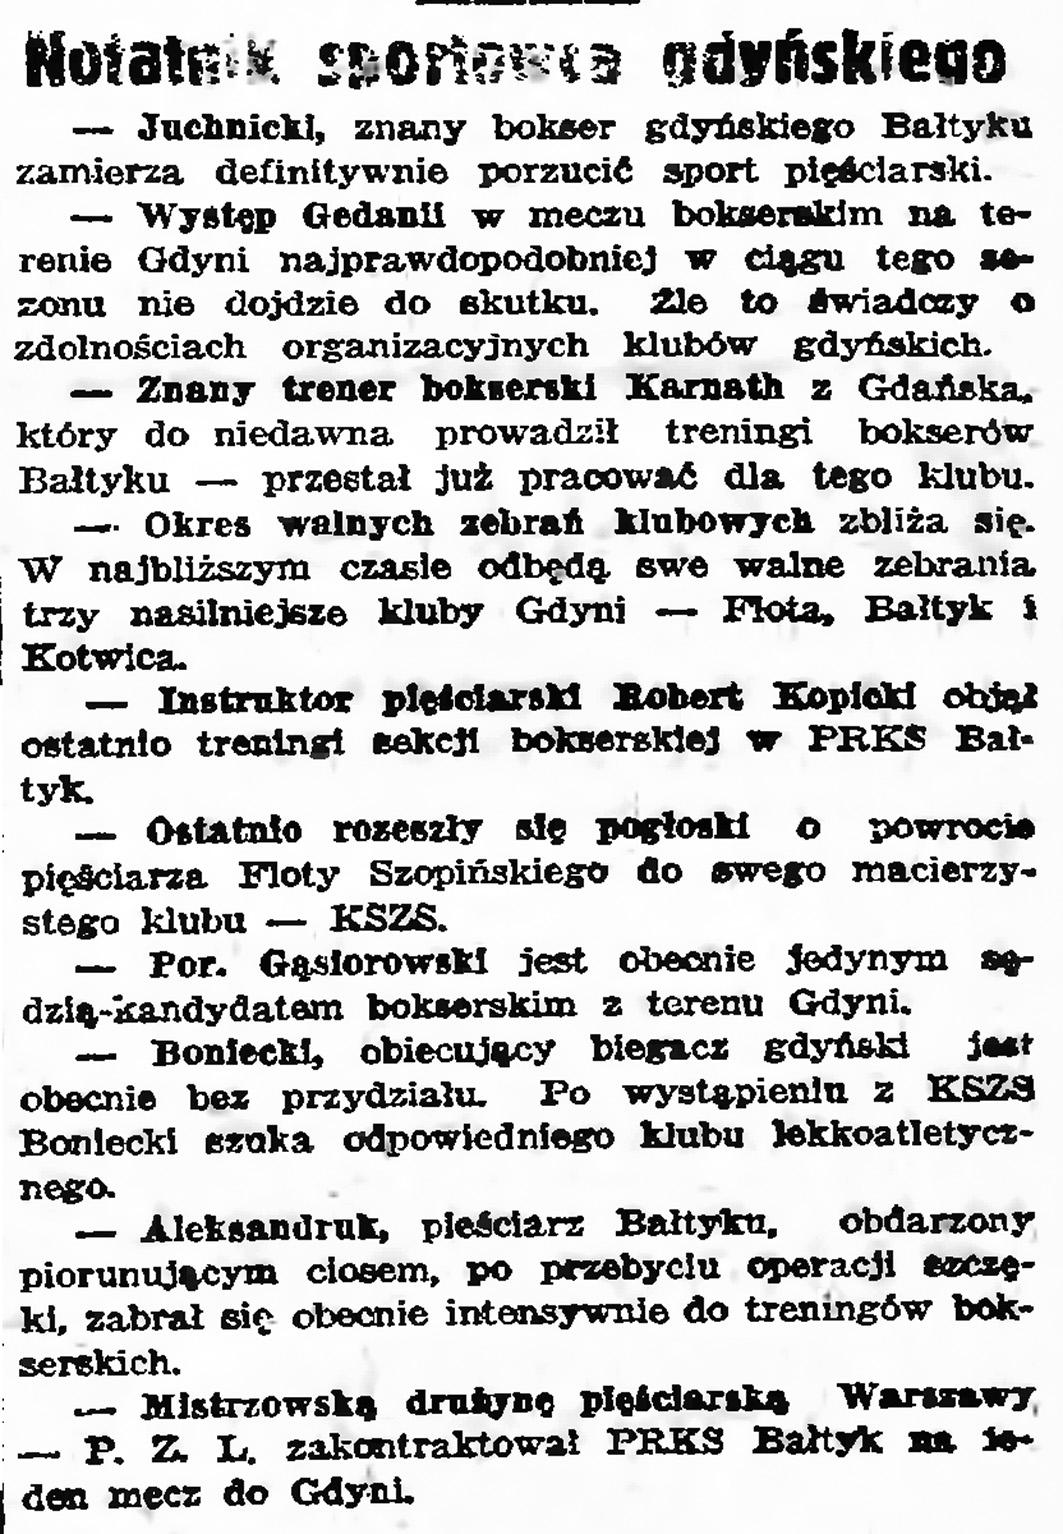 Notatnik  sportowca gdyńskiego // Gazeta Gdańska. - 1939, nr 15, s. 7